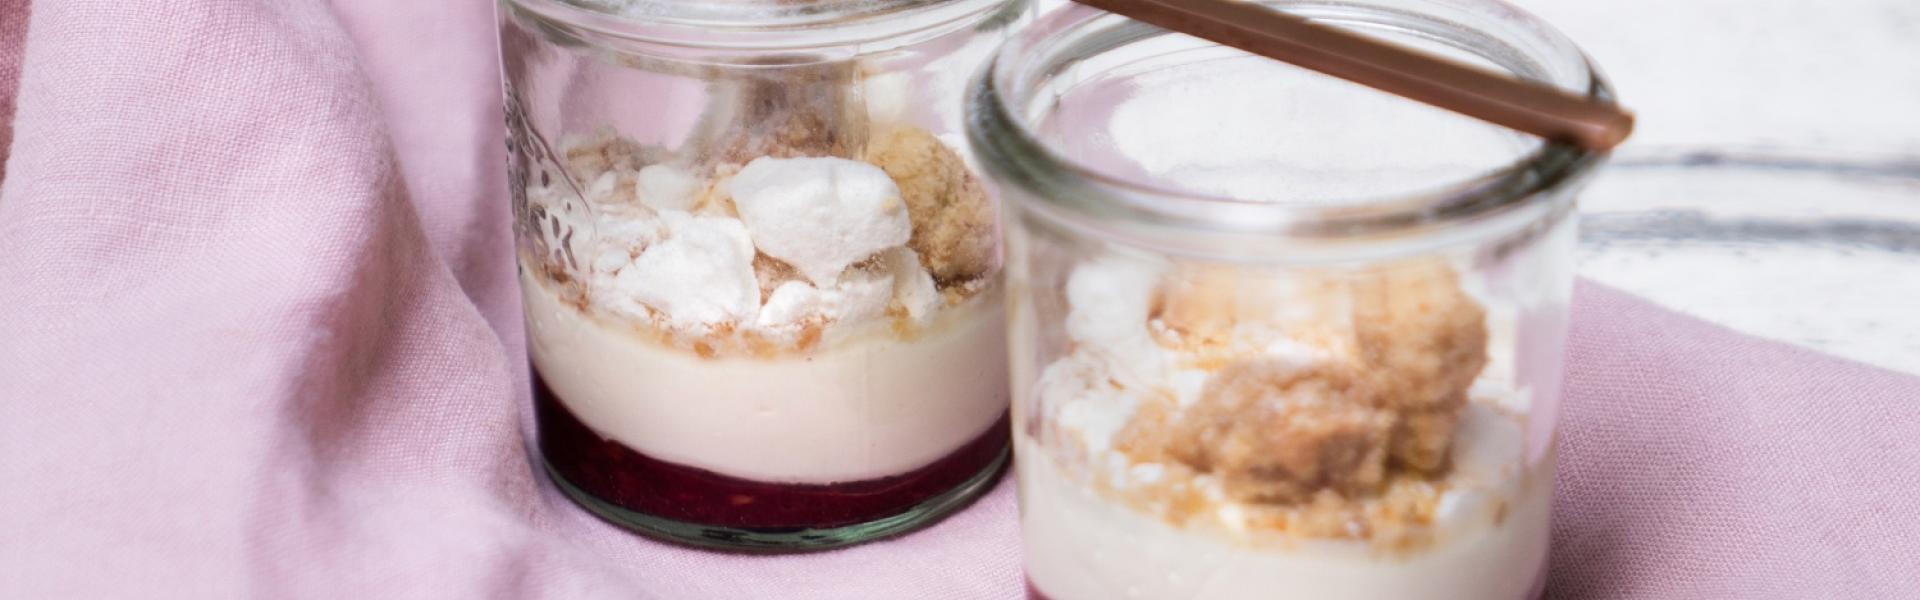 Zwei Gläser Himbeer-Mascarpone-Dessert mit Streuseln auf rosafarbener Tischdecke.